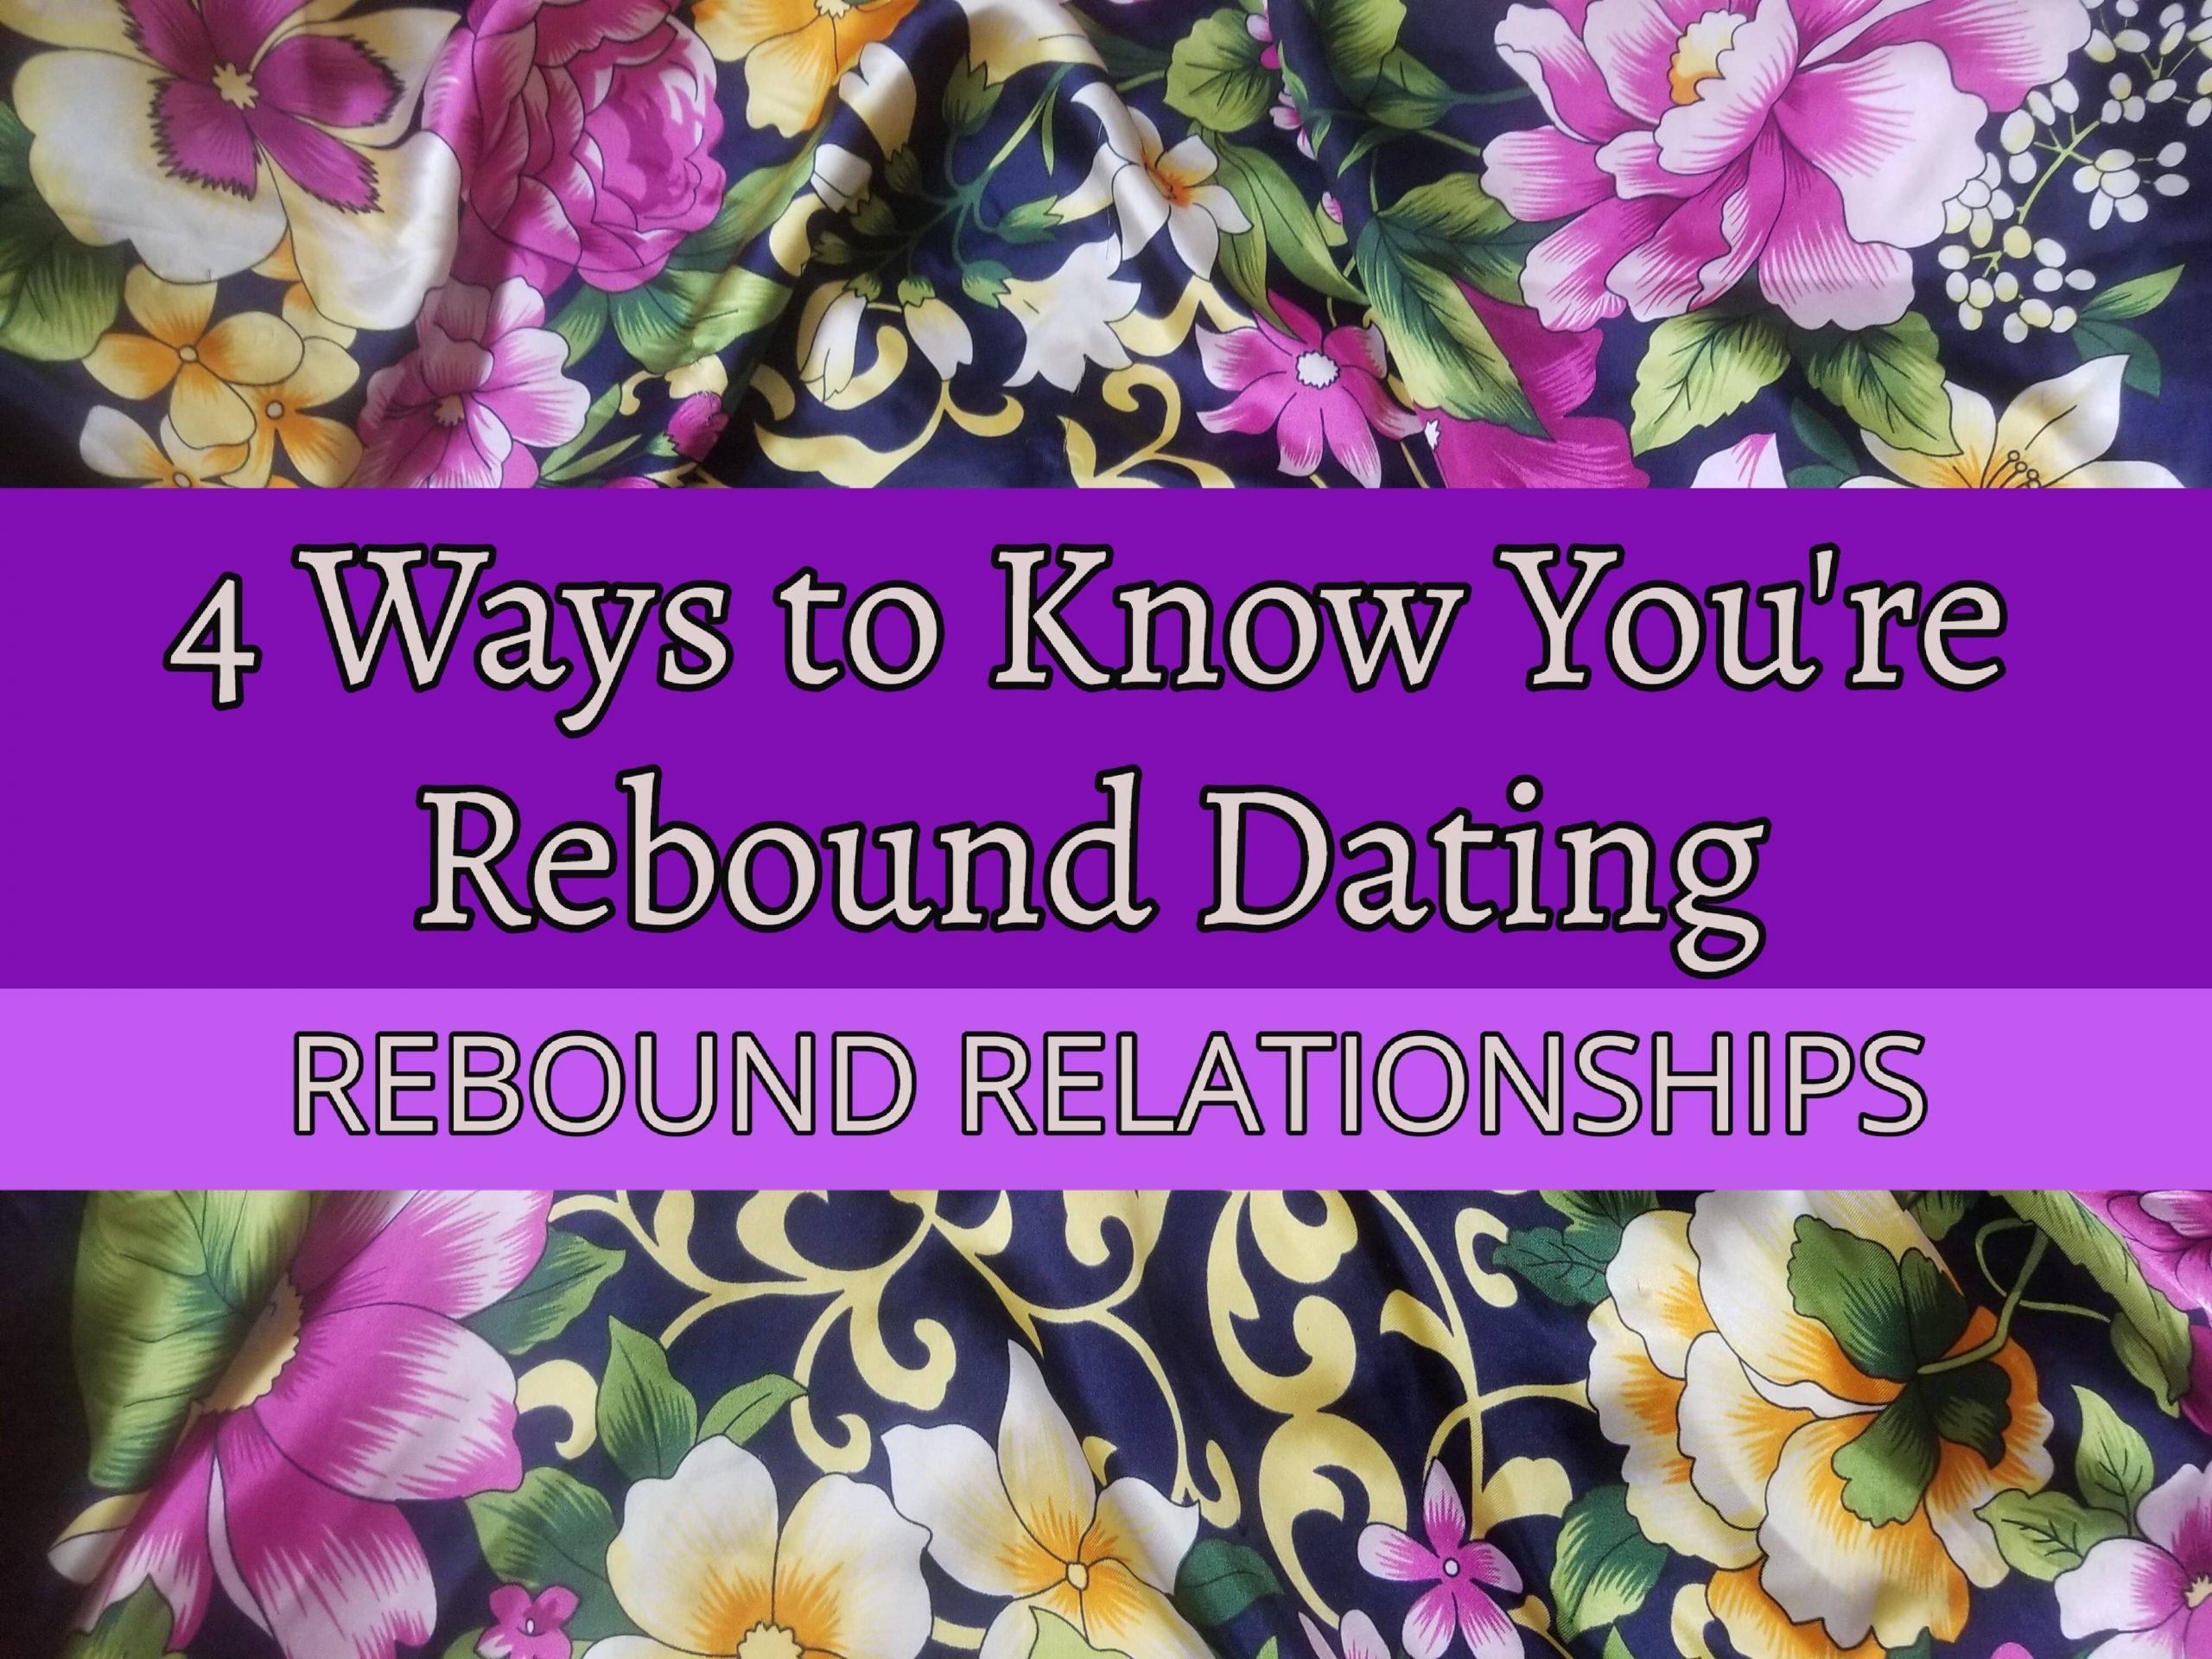 Rebound Dating